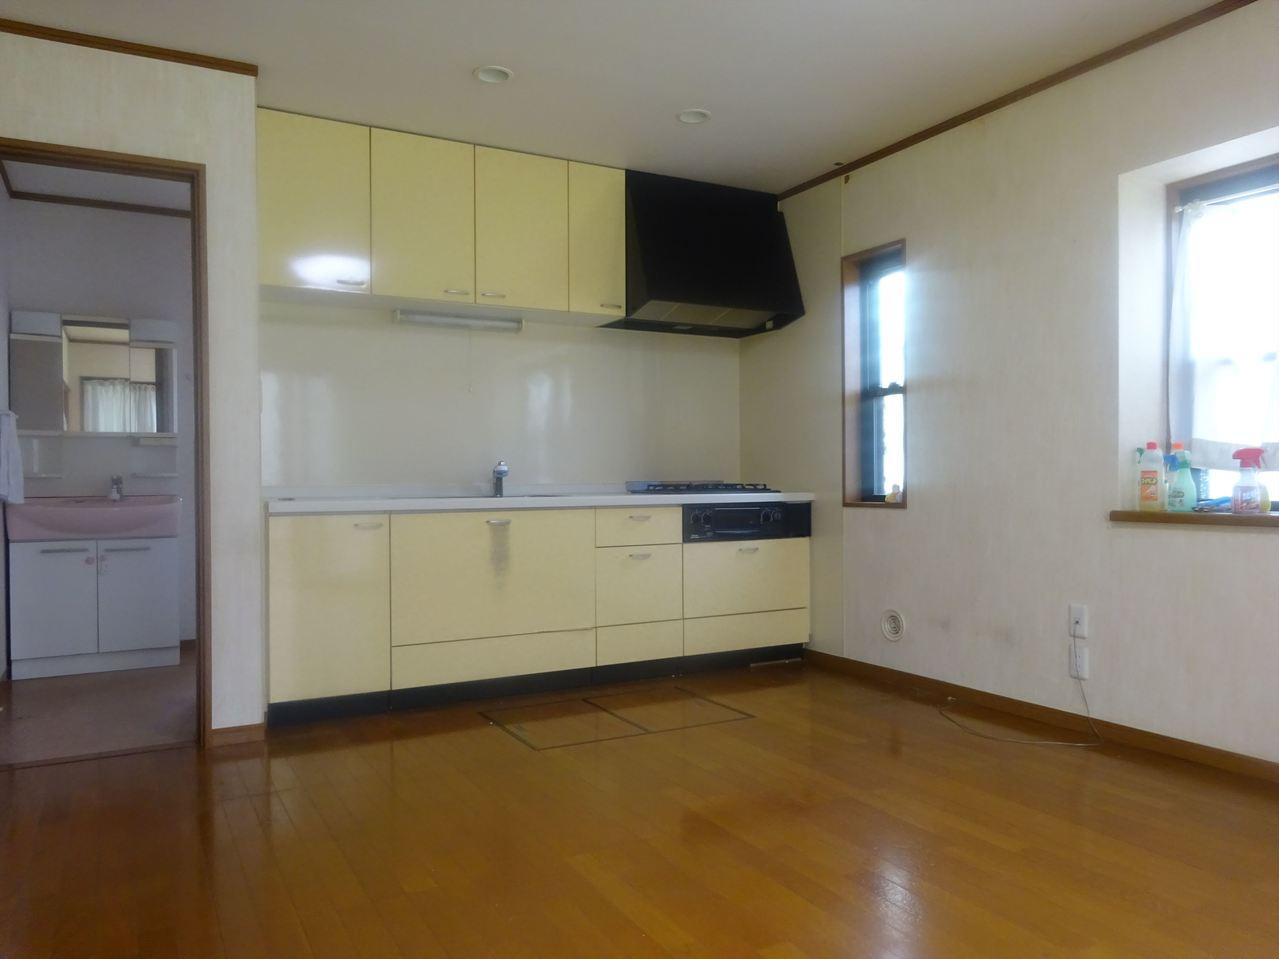 【家具】 緑多い青梅市にマッチしたアウトドアなお部屋を作りませんか? カントリー調の家具を飾ってアクティブな心躍る一部屋を一緒に作りましょう?